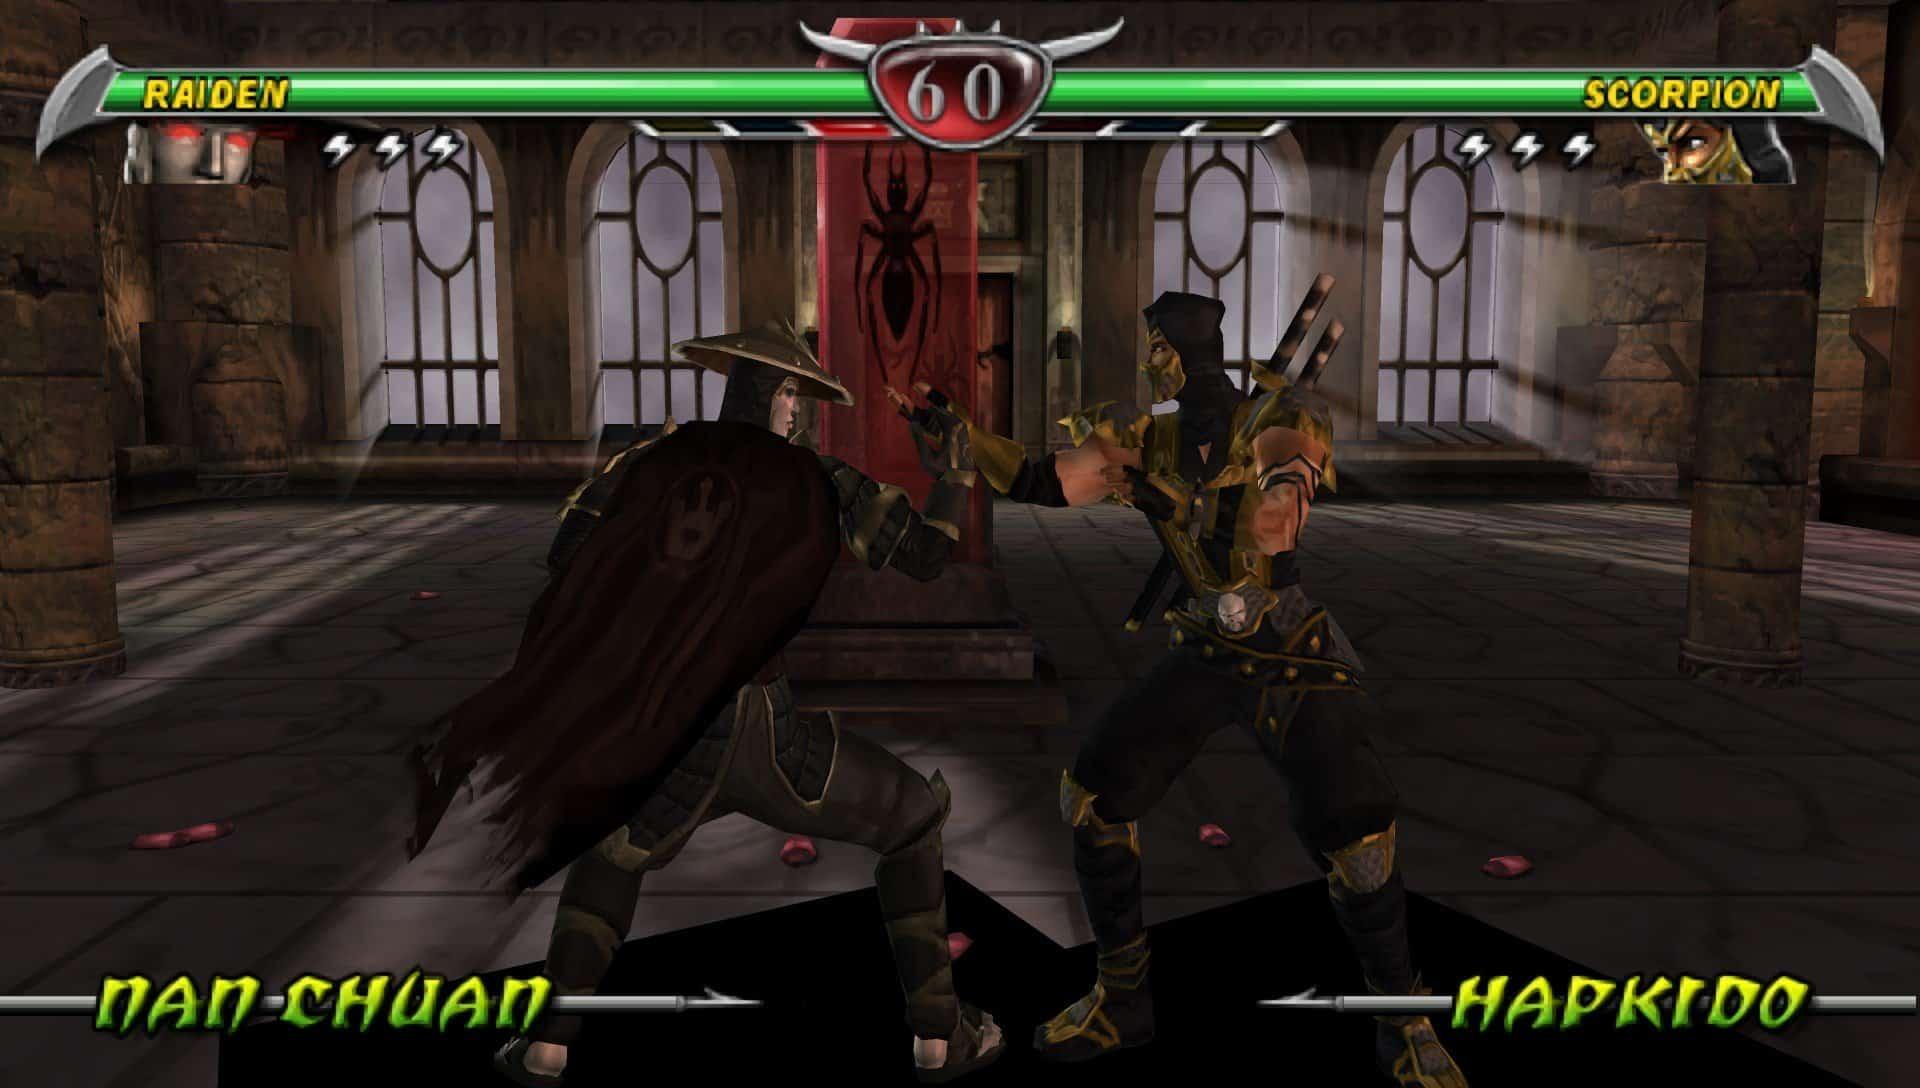 mortalkombat-1 Lista de jogos compatíveis com PPSSPP (Emulador do PSP para Android)